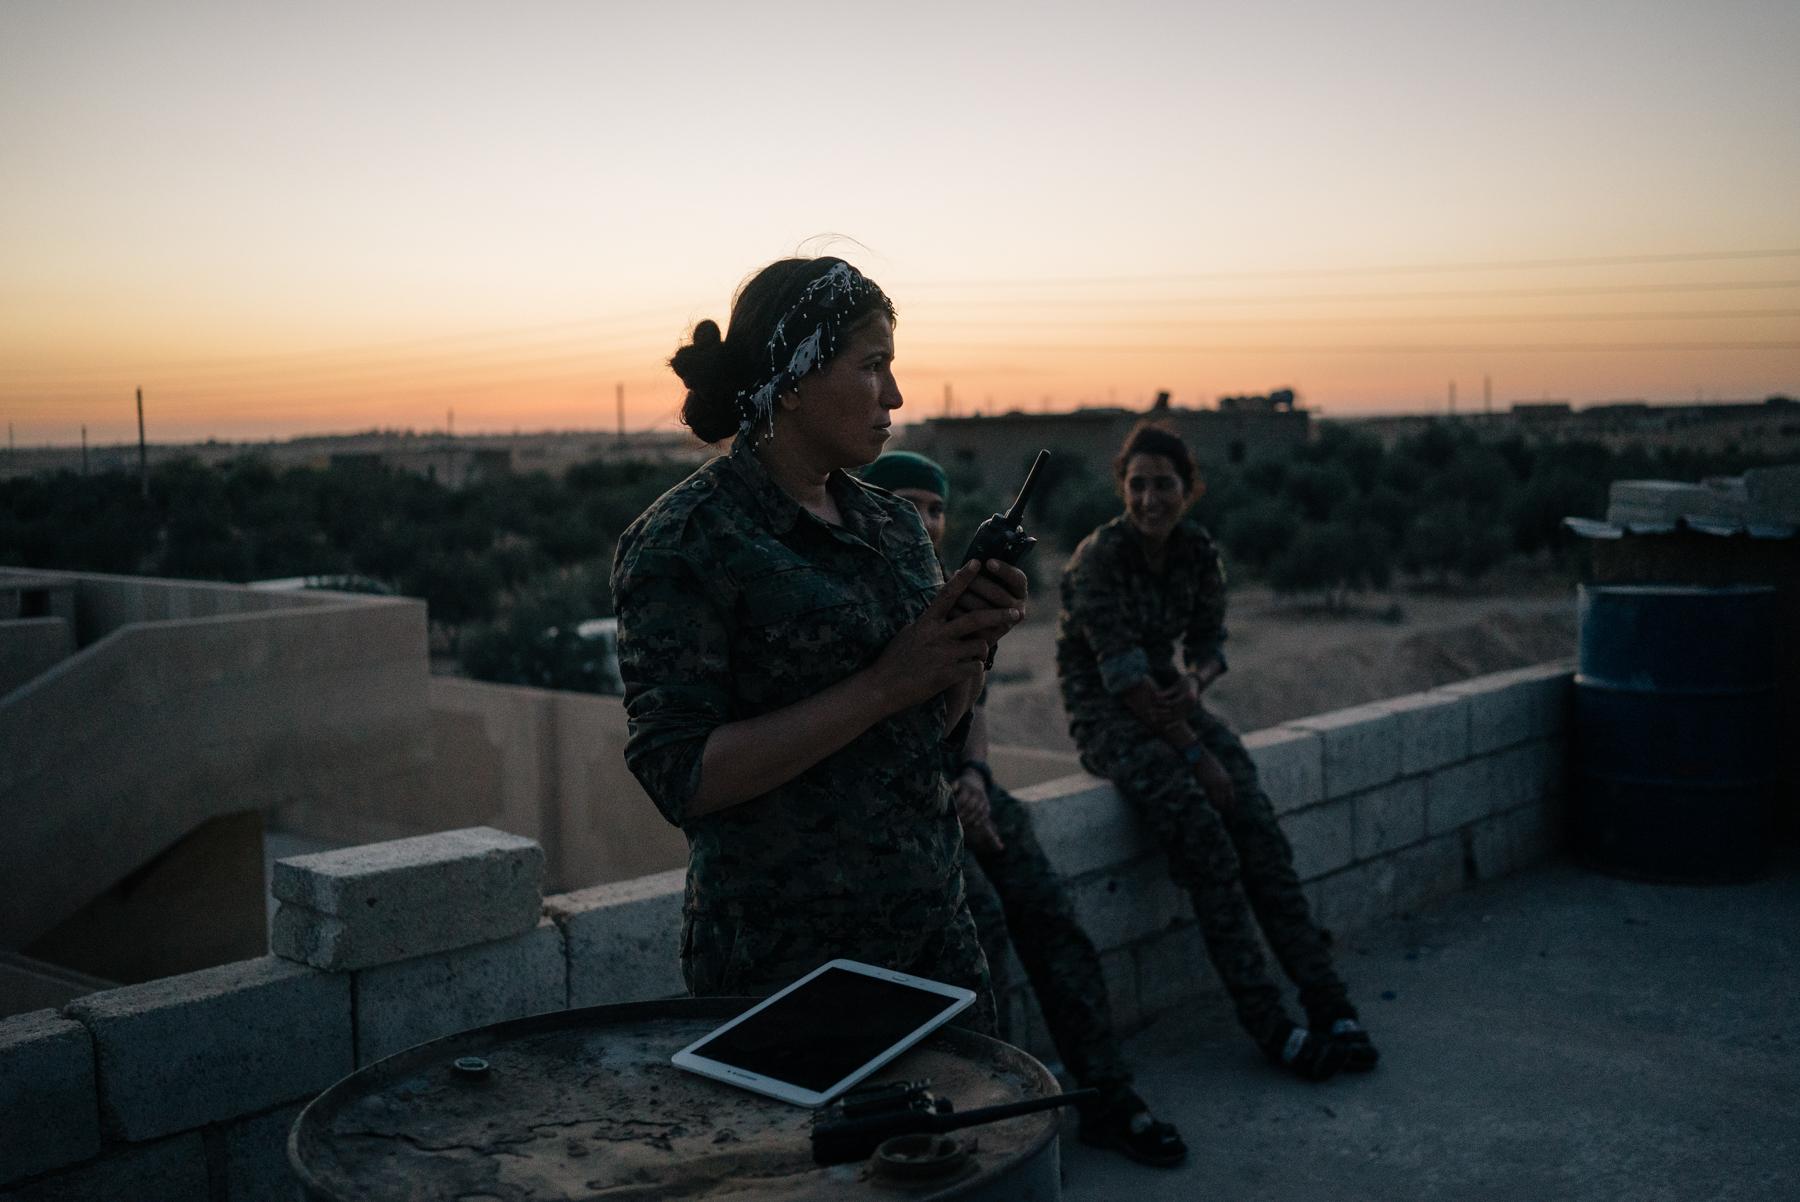 raqqa-washington-post-07808.jpg